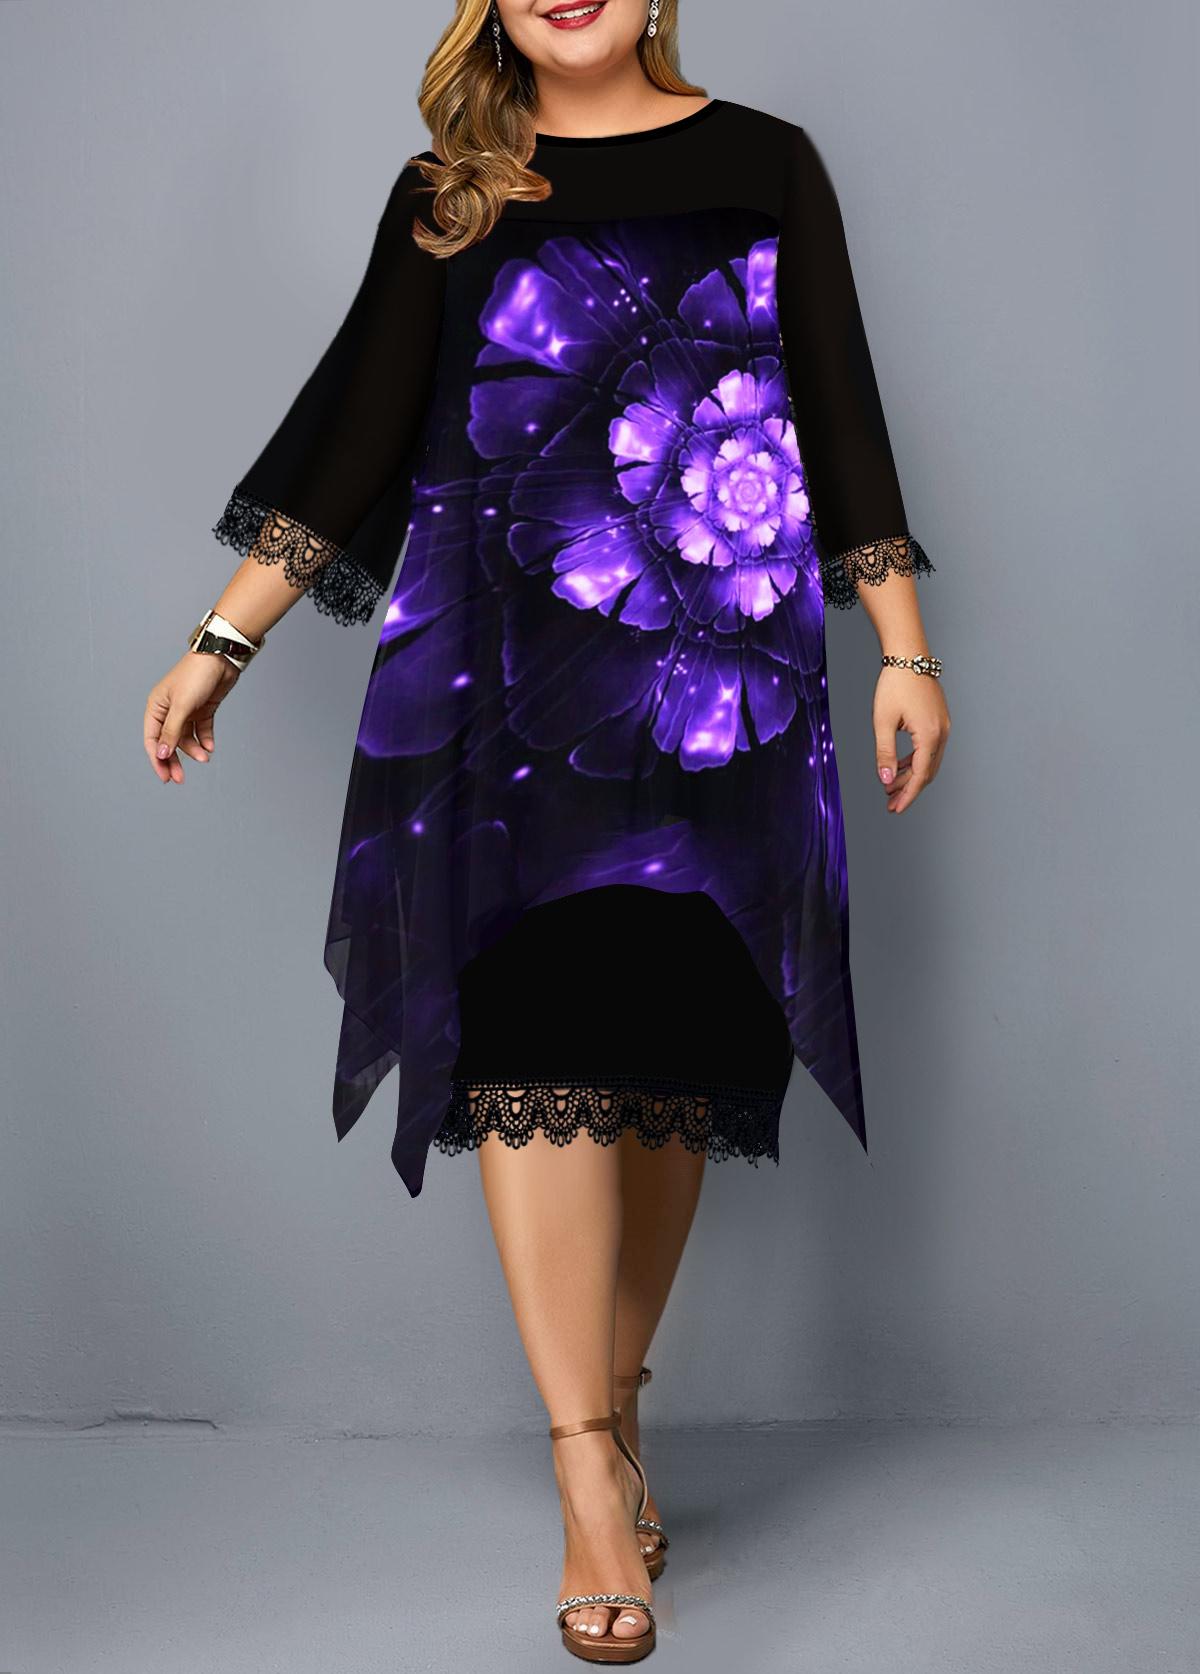 Flower Print Lace Panel Plus Size Dress